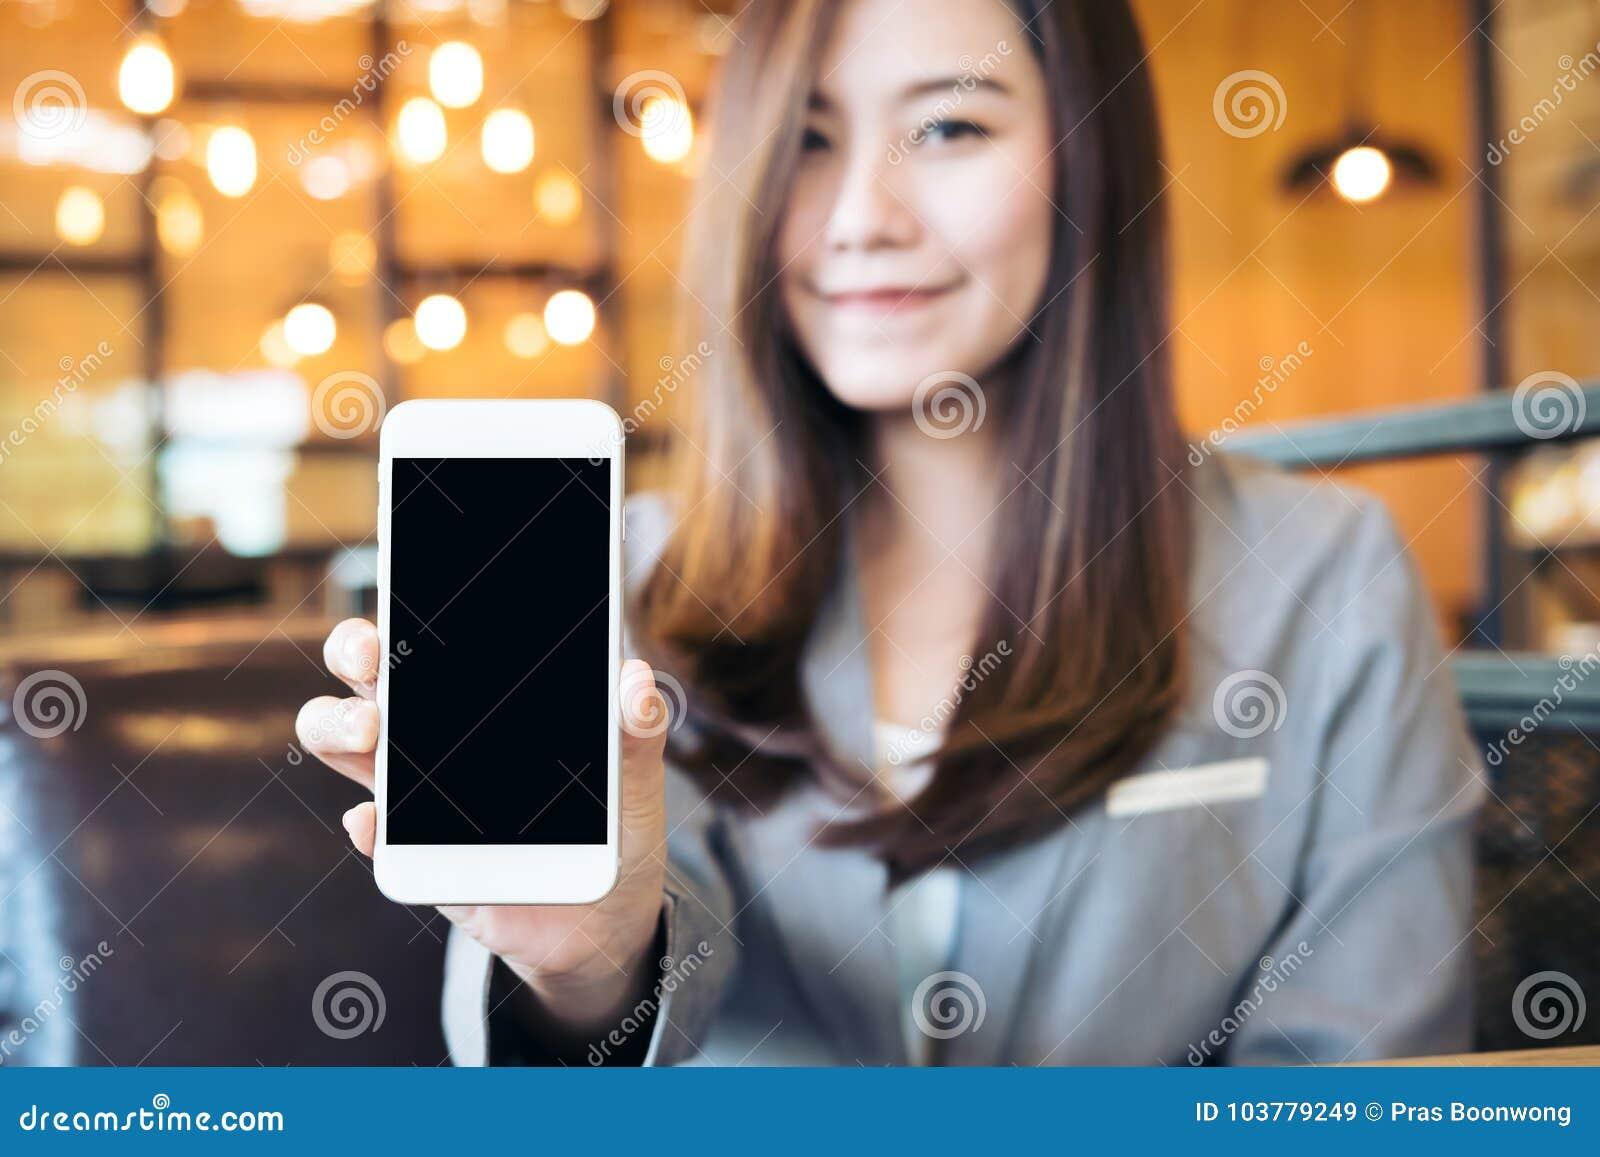 Det asiatiska härliga innehavet för affärskvinnan och den vita mobiltelefonen för visning med mellanrumssvartskärmen och smiley v